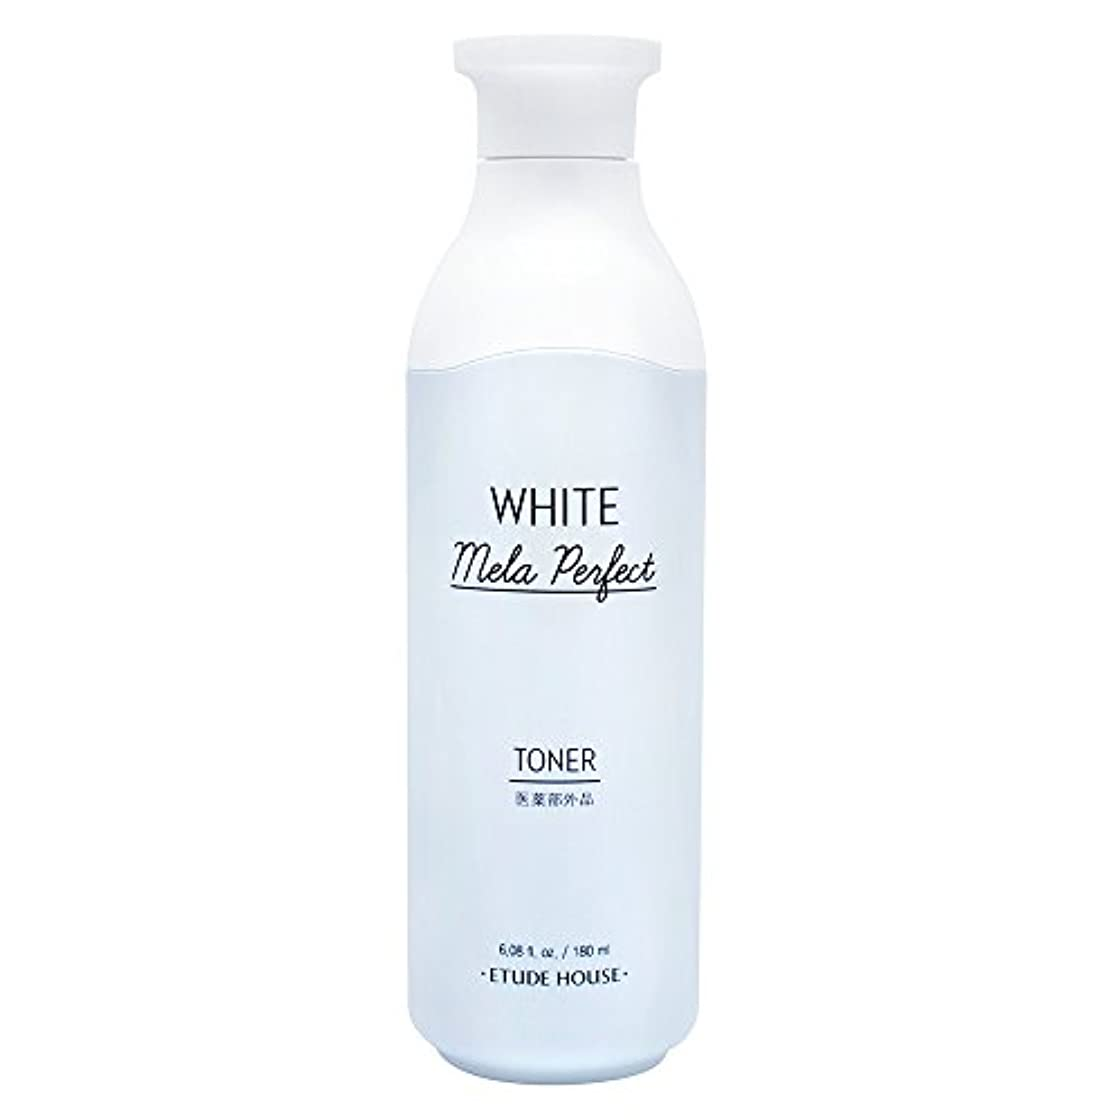 執着速報トレイエチュードハウス(ETUDE HOUSE) ホワイトメラパーフェクト トナー[化粧水、美白化粧水]